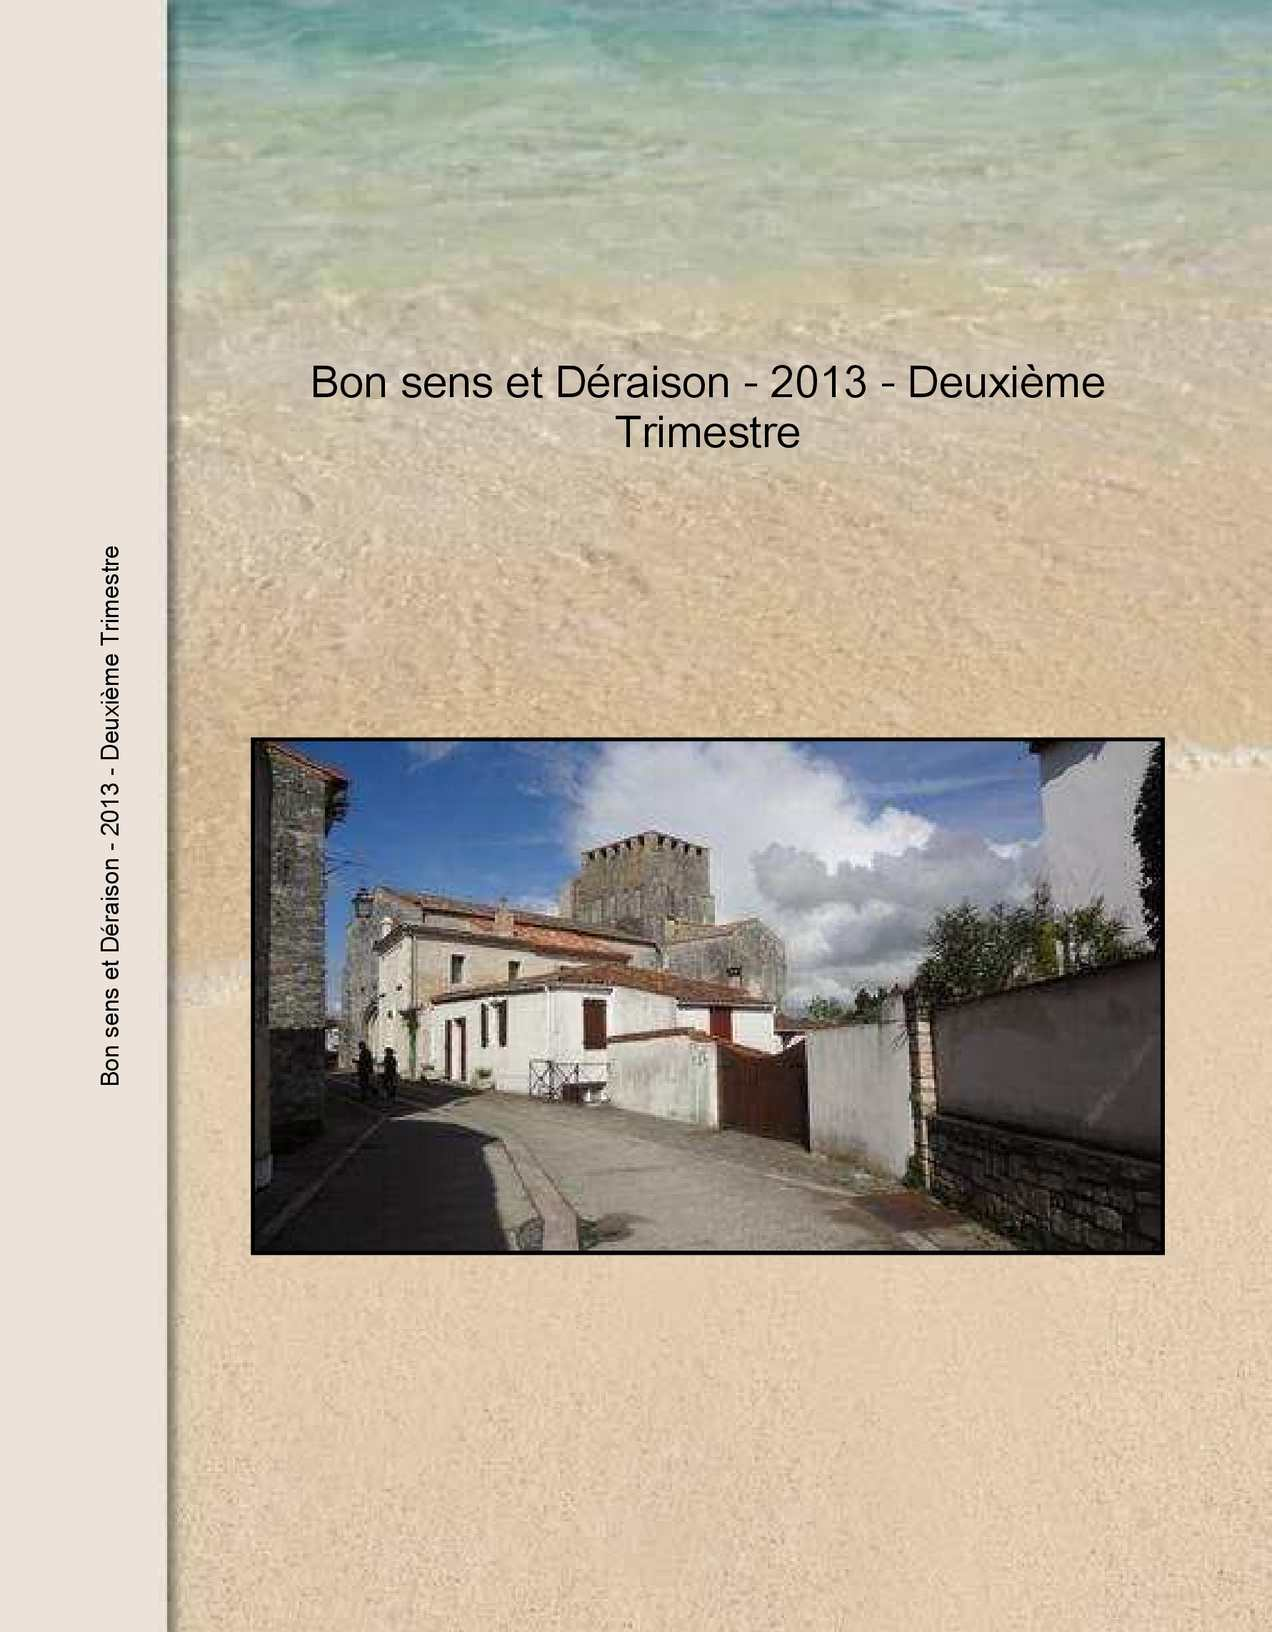 4480c267c10 Calaméo - BON SENS ET DERAISON 2013 - 2ème trimestre